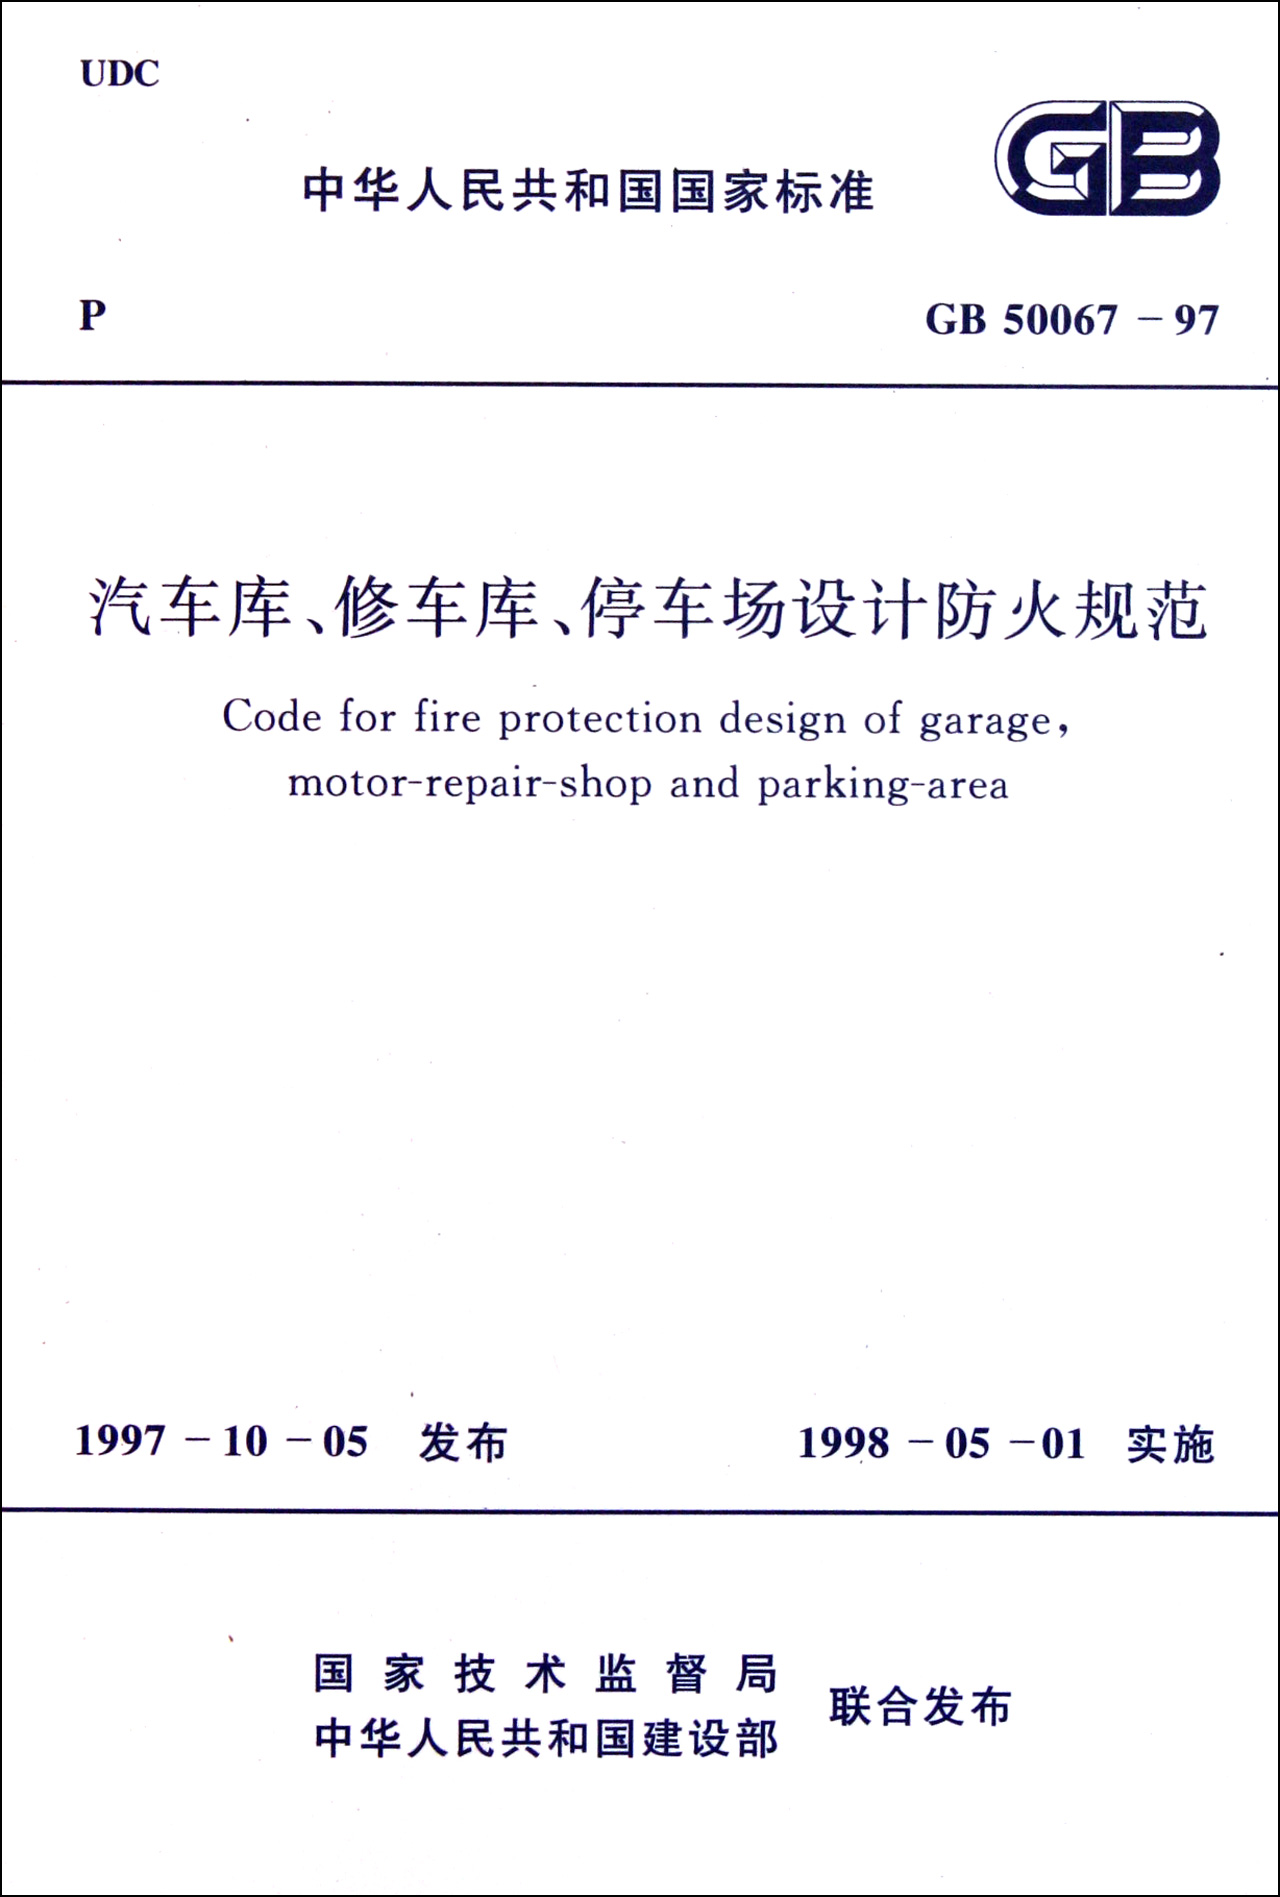 汽车库修车库停车场设计防火规范(gb50067-97)